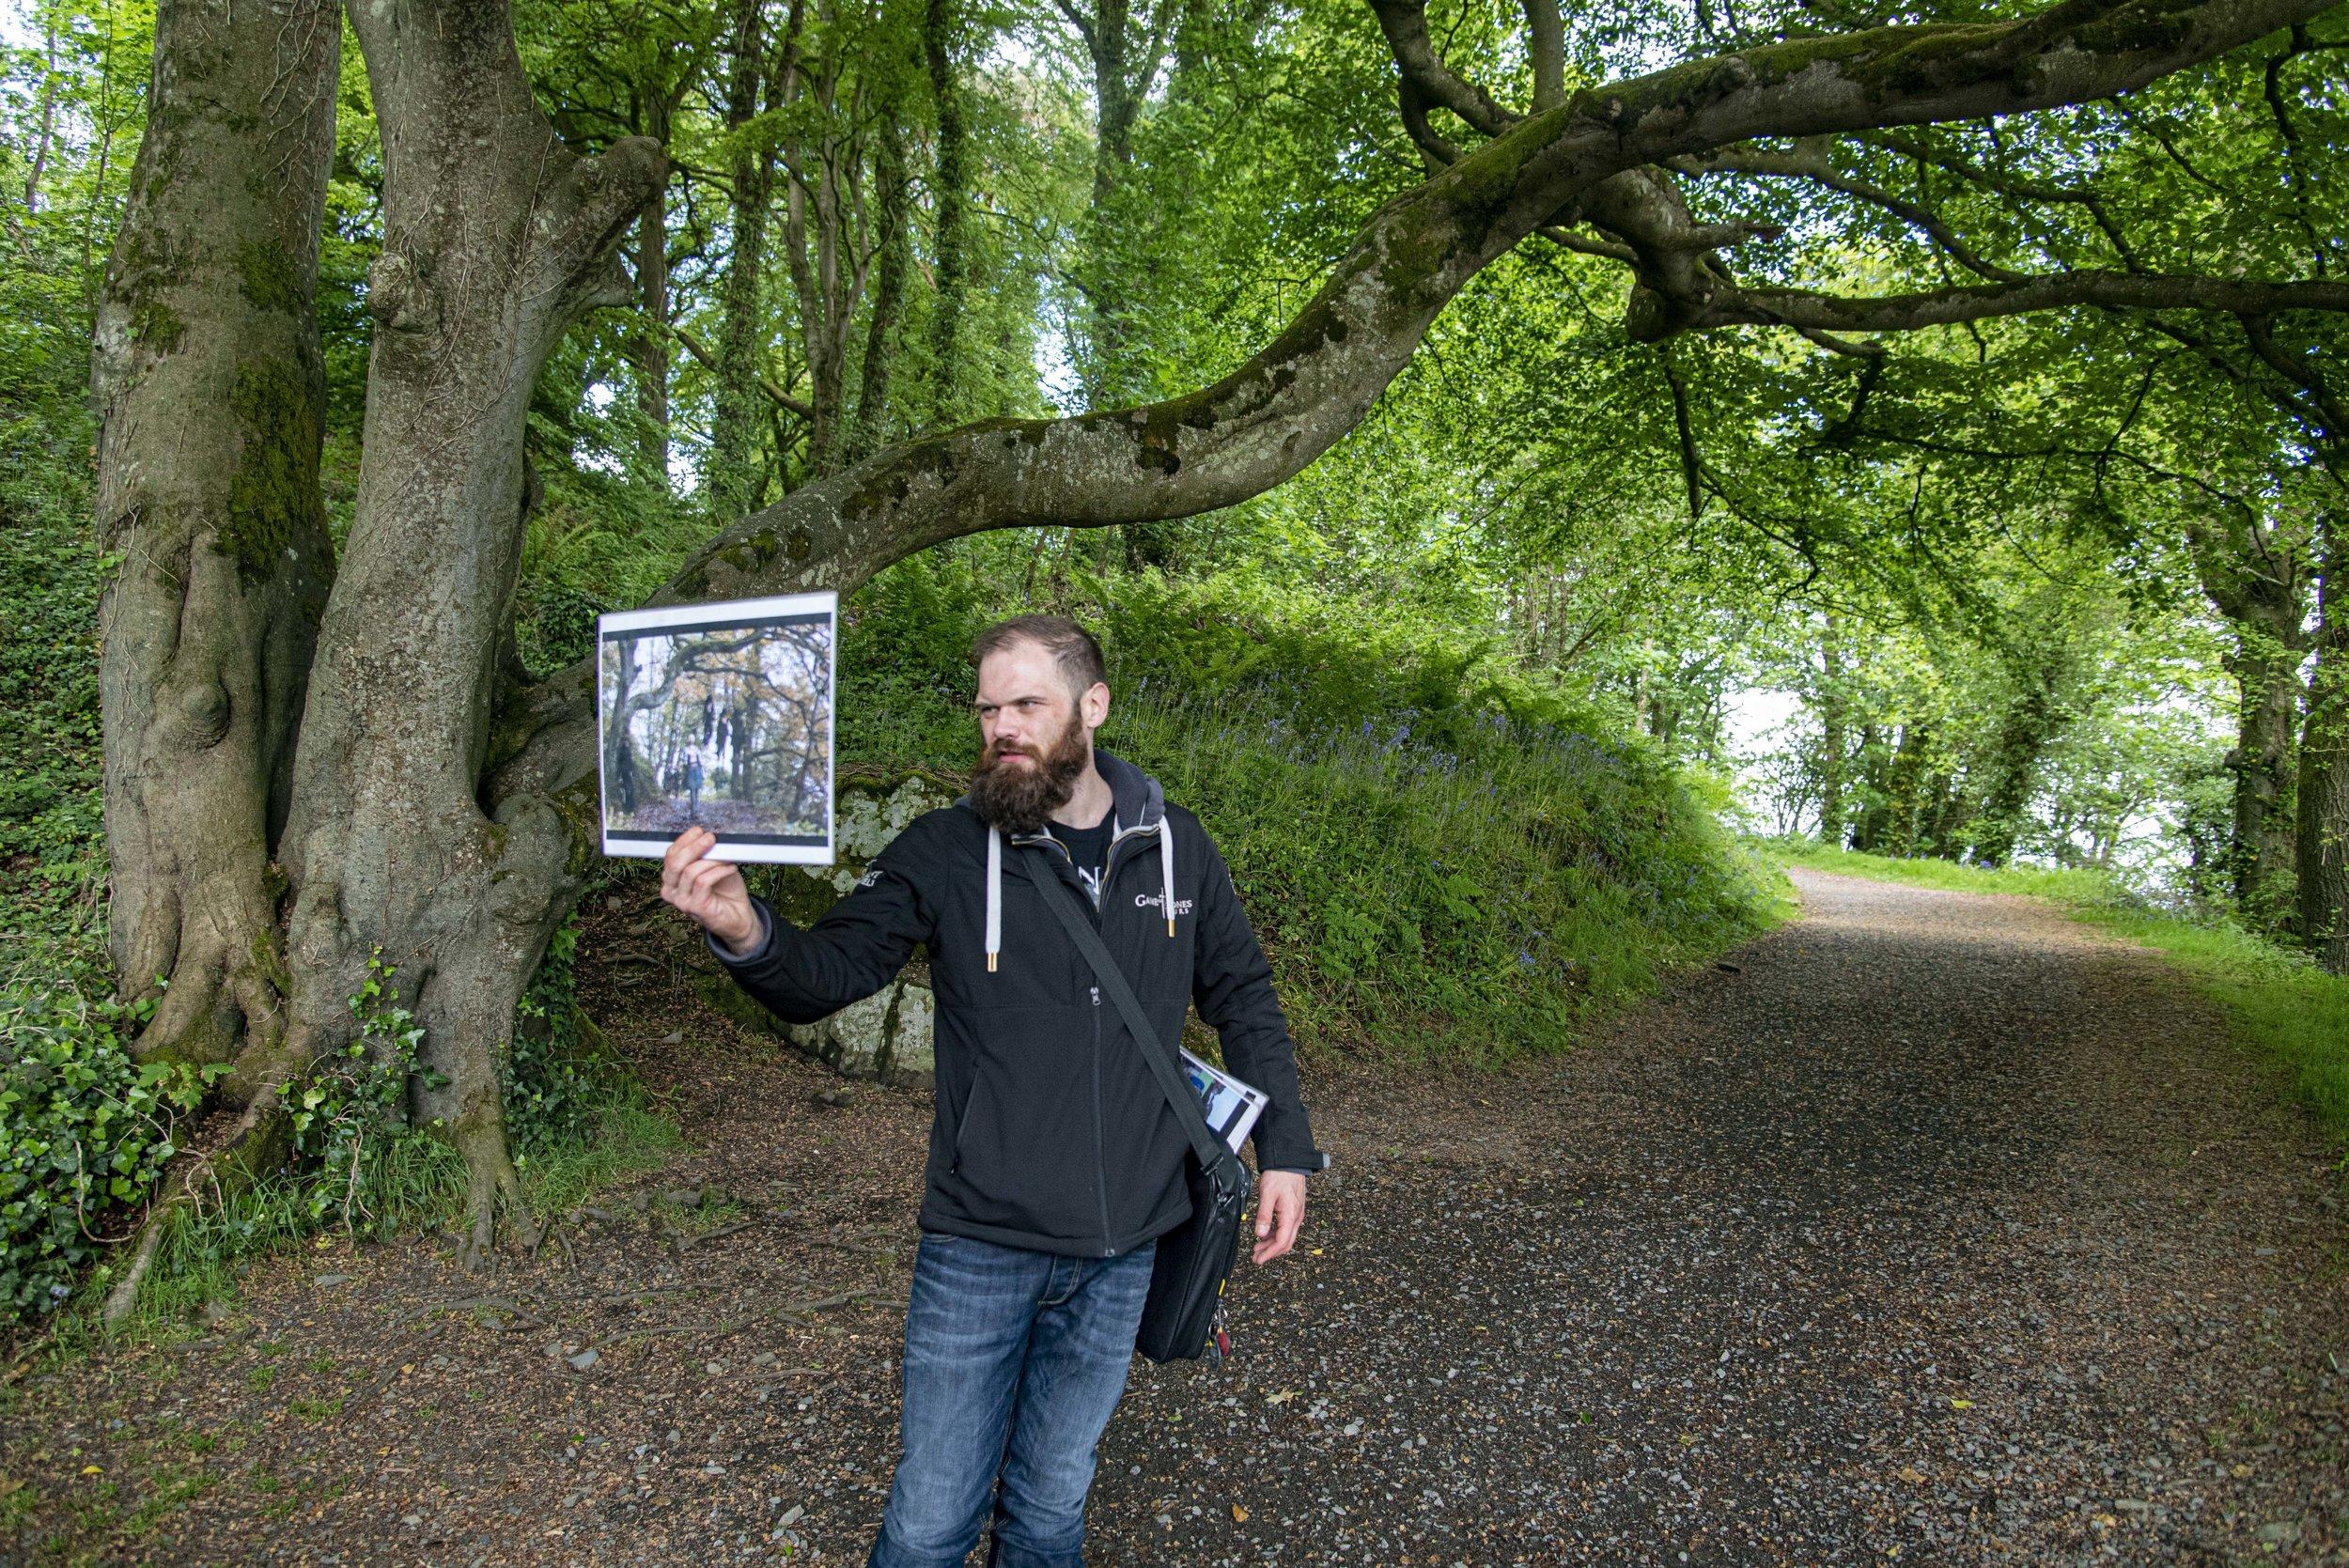 Andrew McClay, Tollymore Forest, Irlanda del Nord. Foto di: Valerio Greco